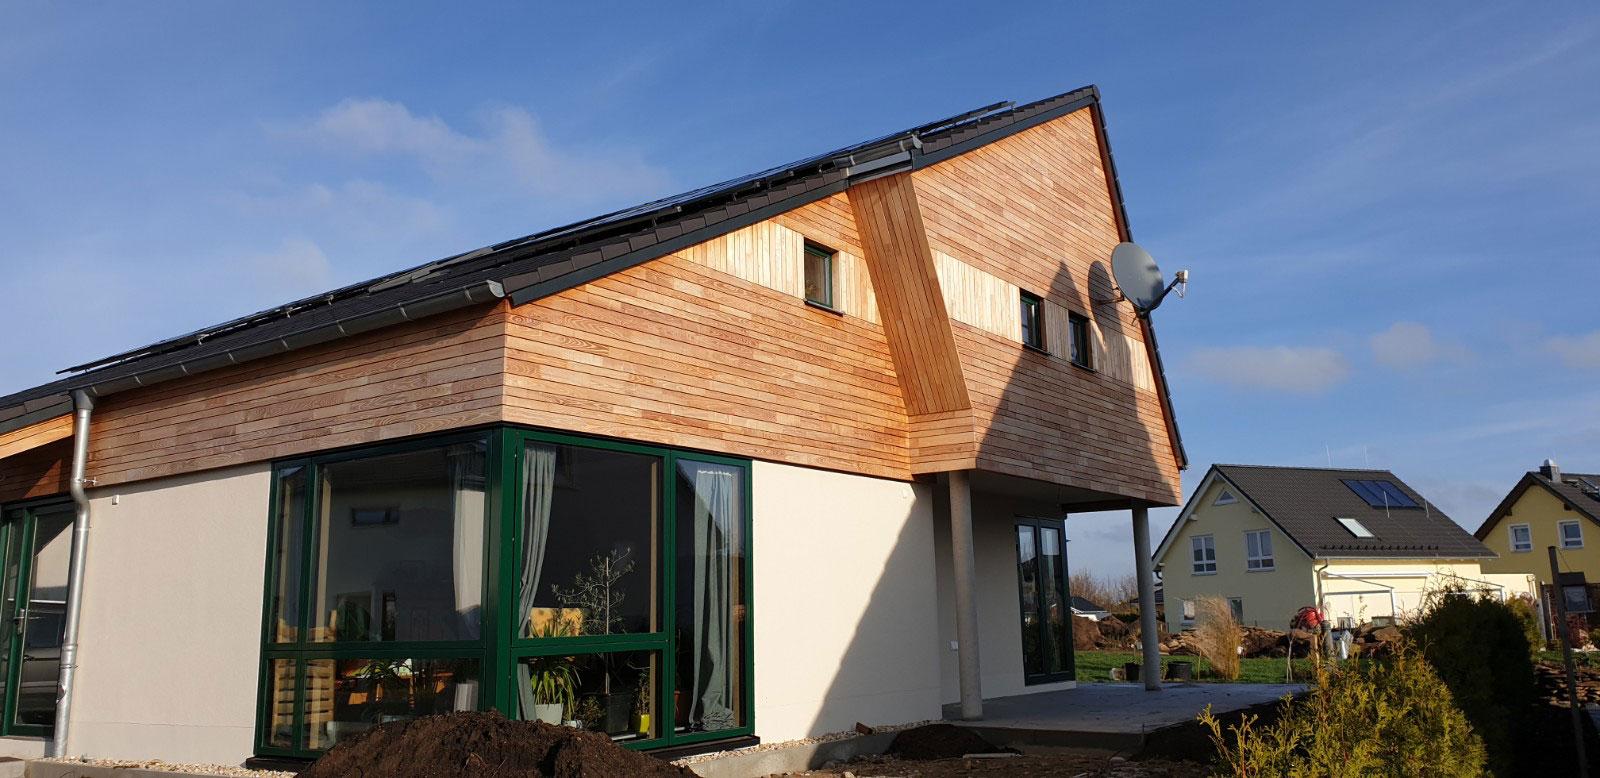 Fassade aus Robinienholz Brettern